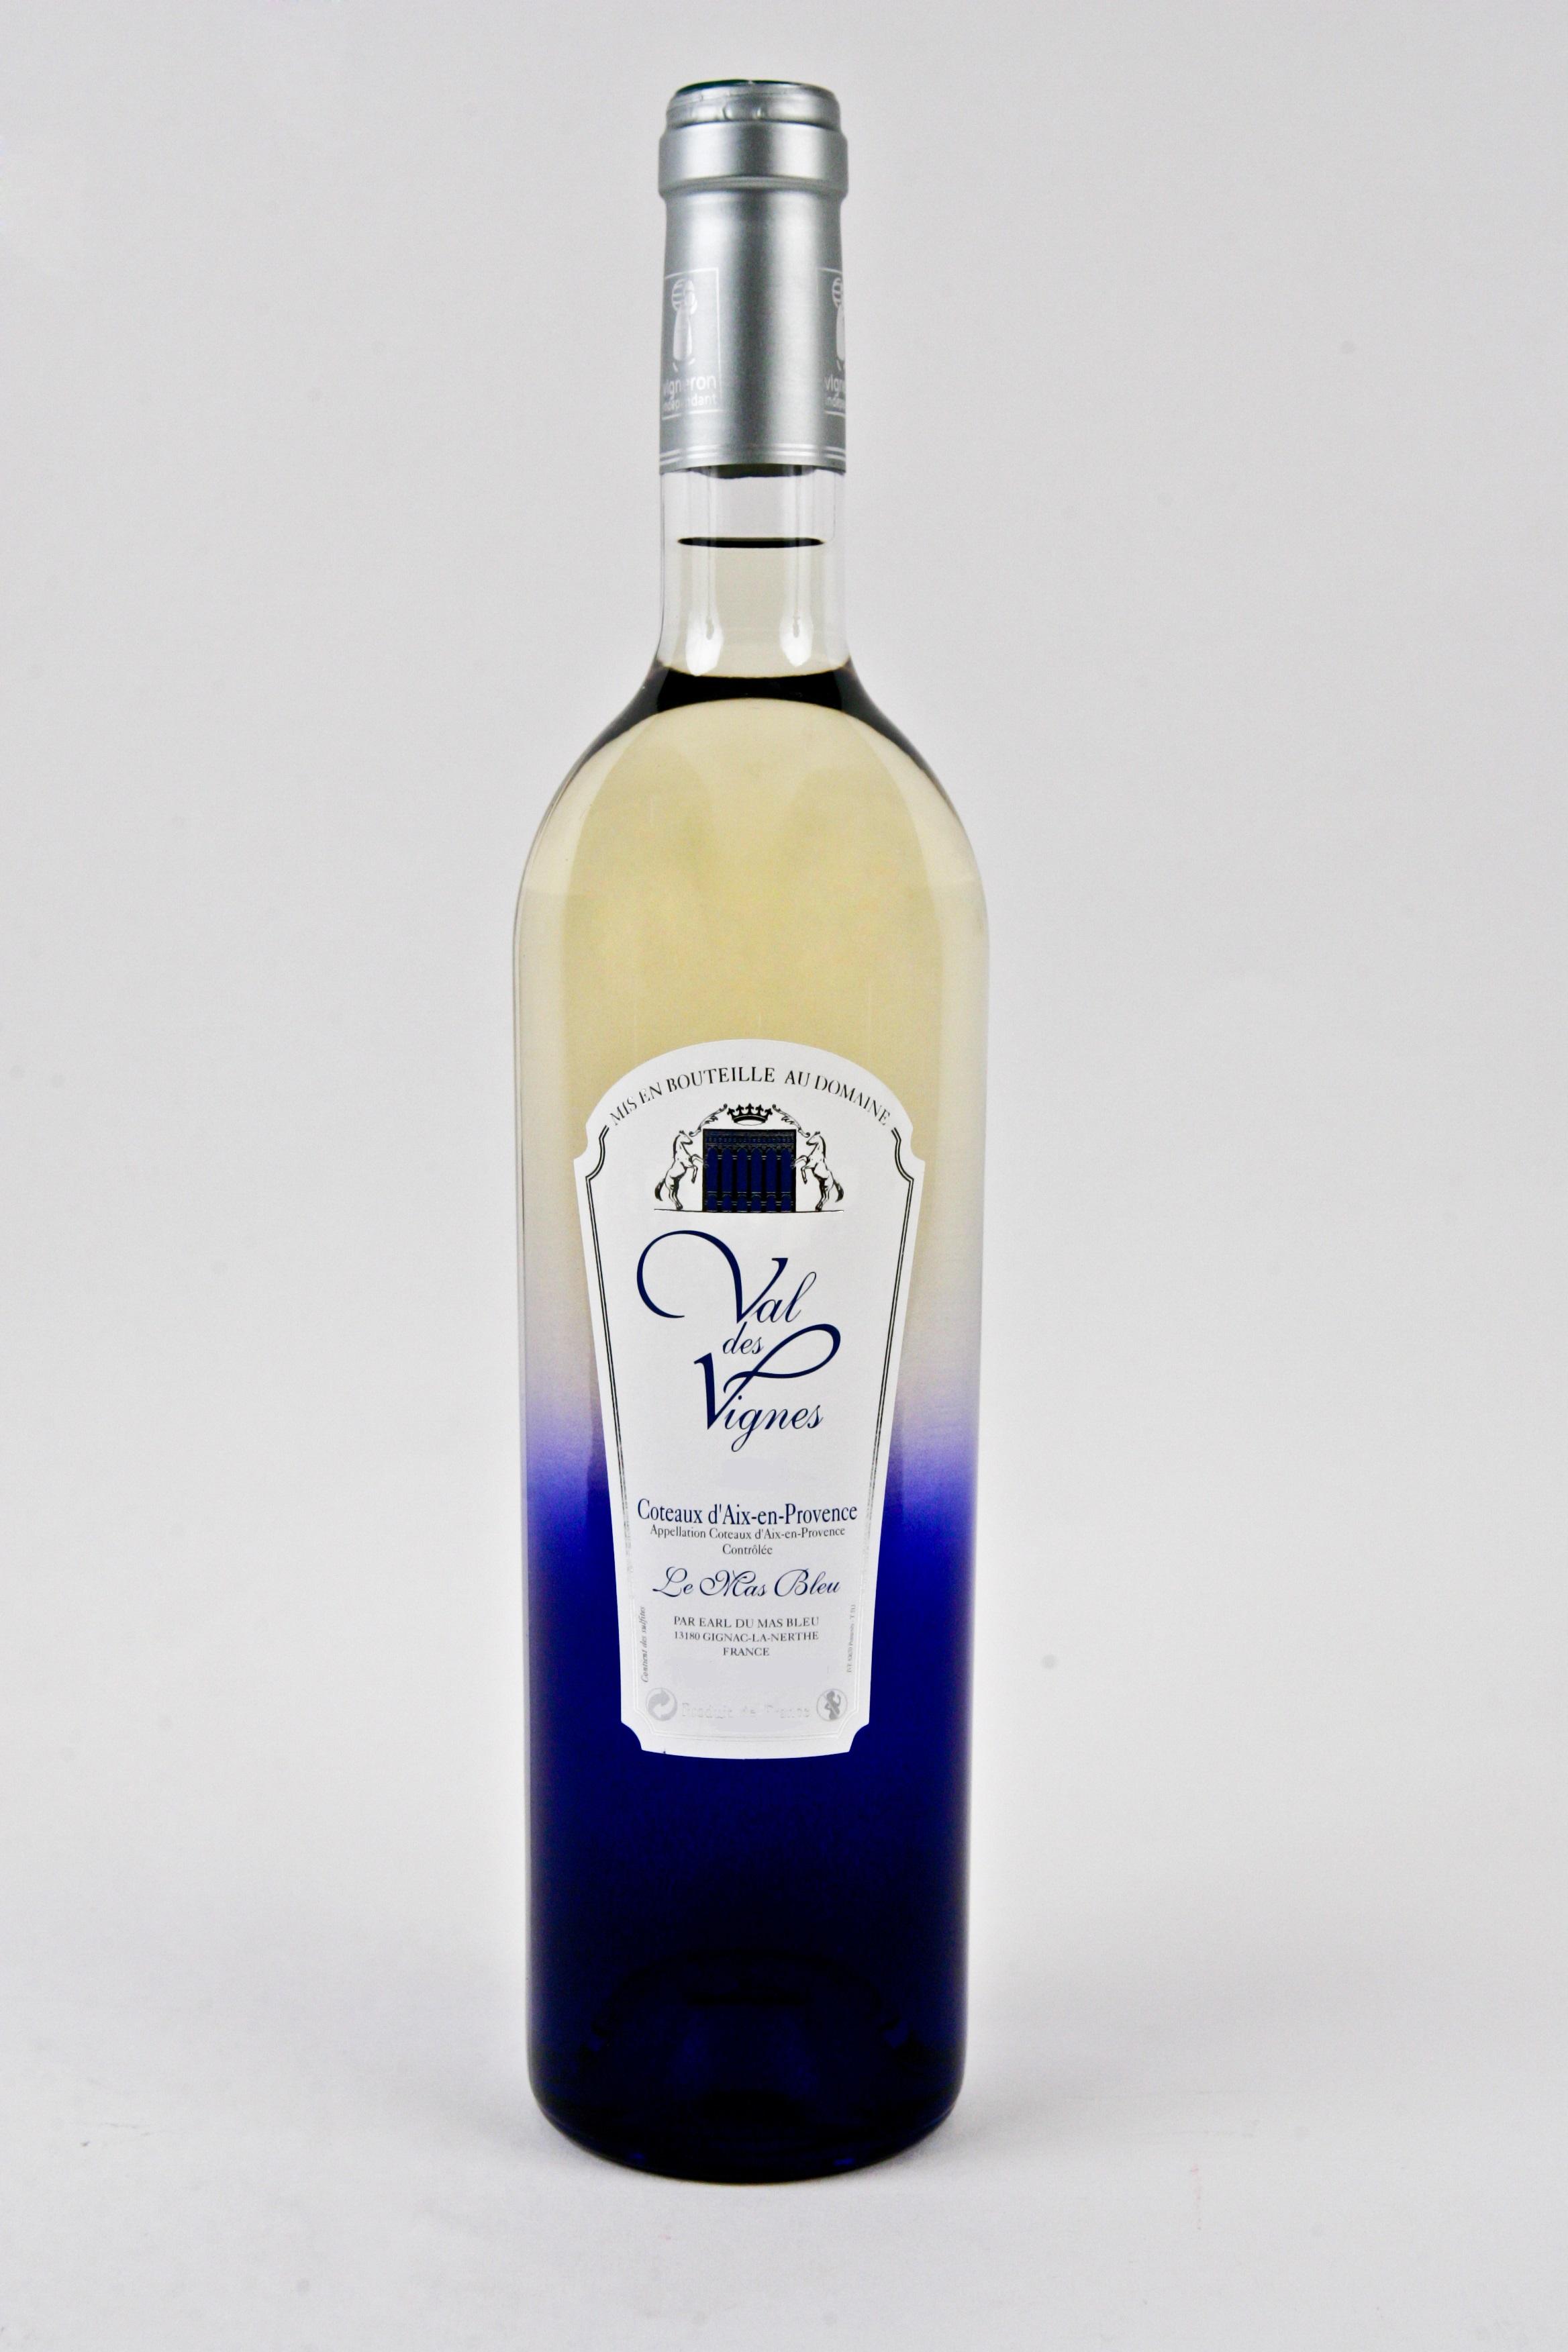 Val des Vignes Blanc 2017 AOP Coteaux d